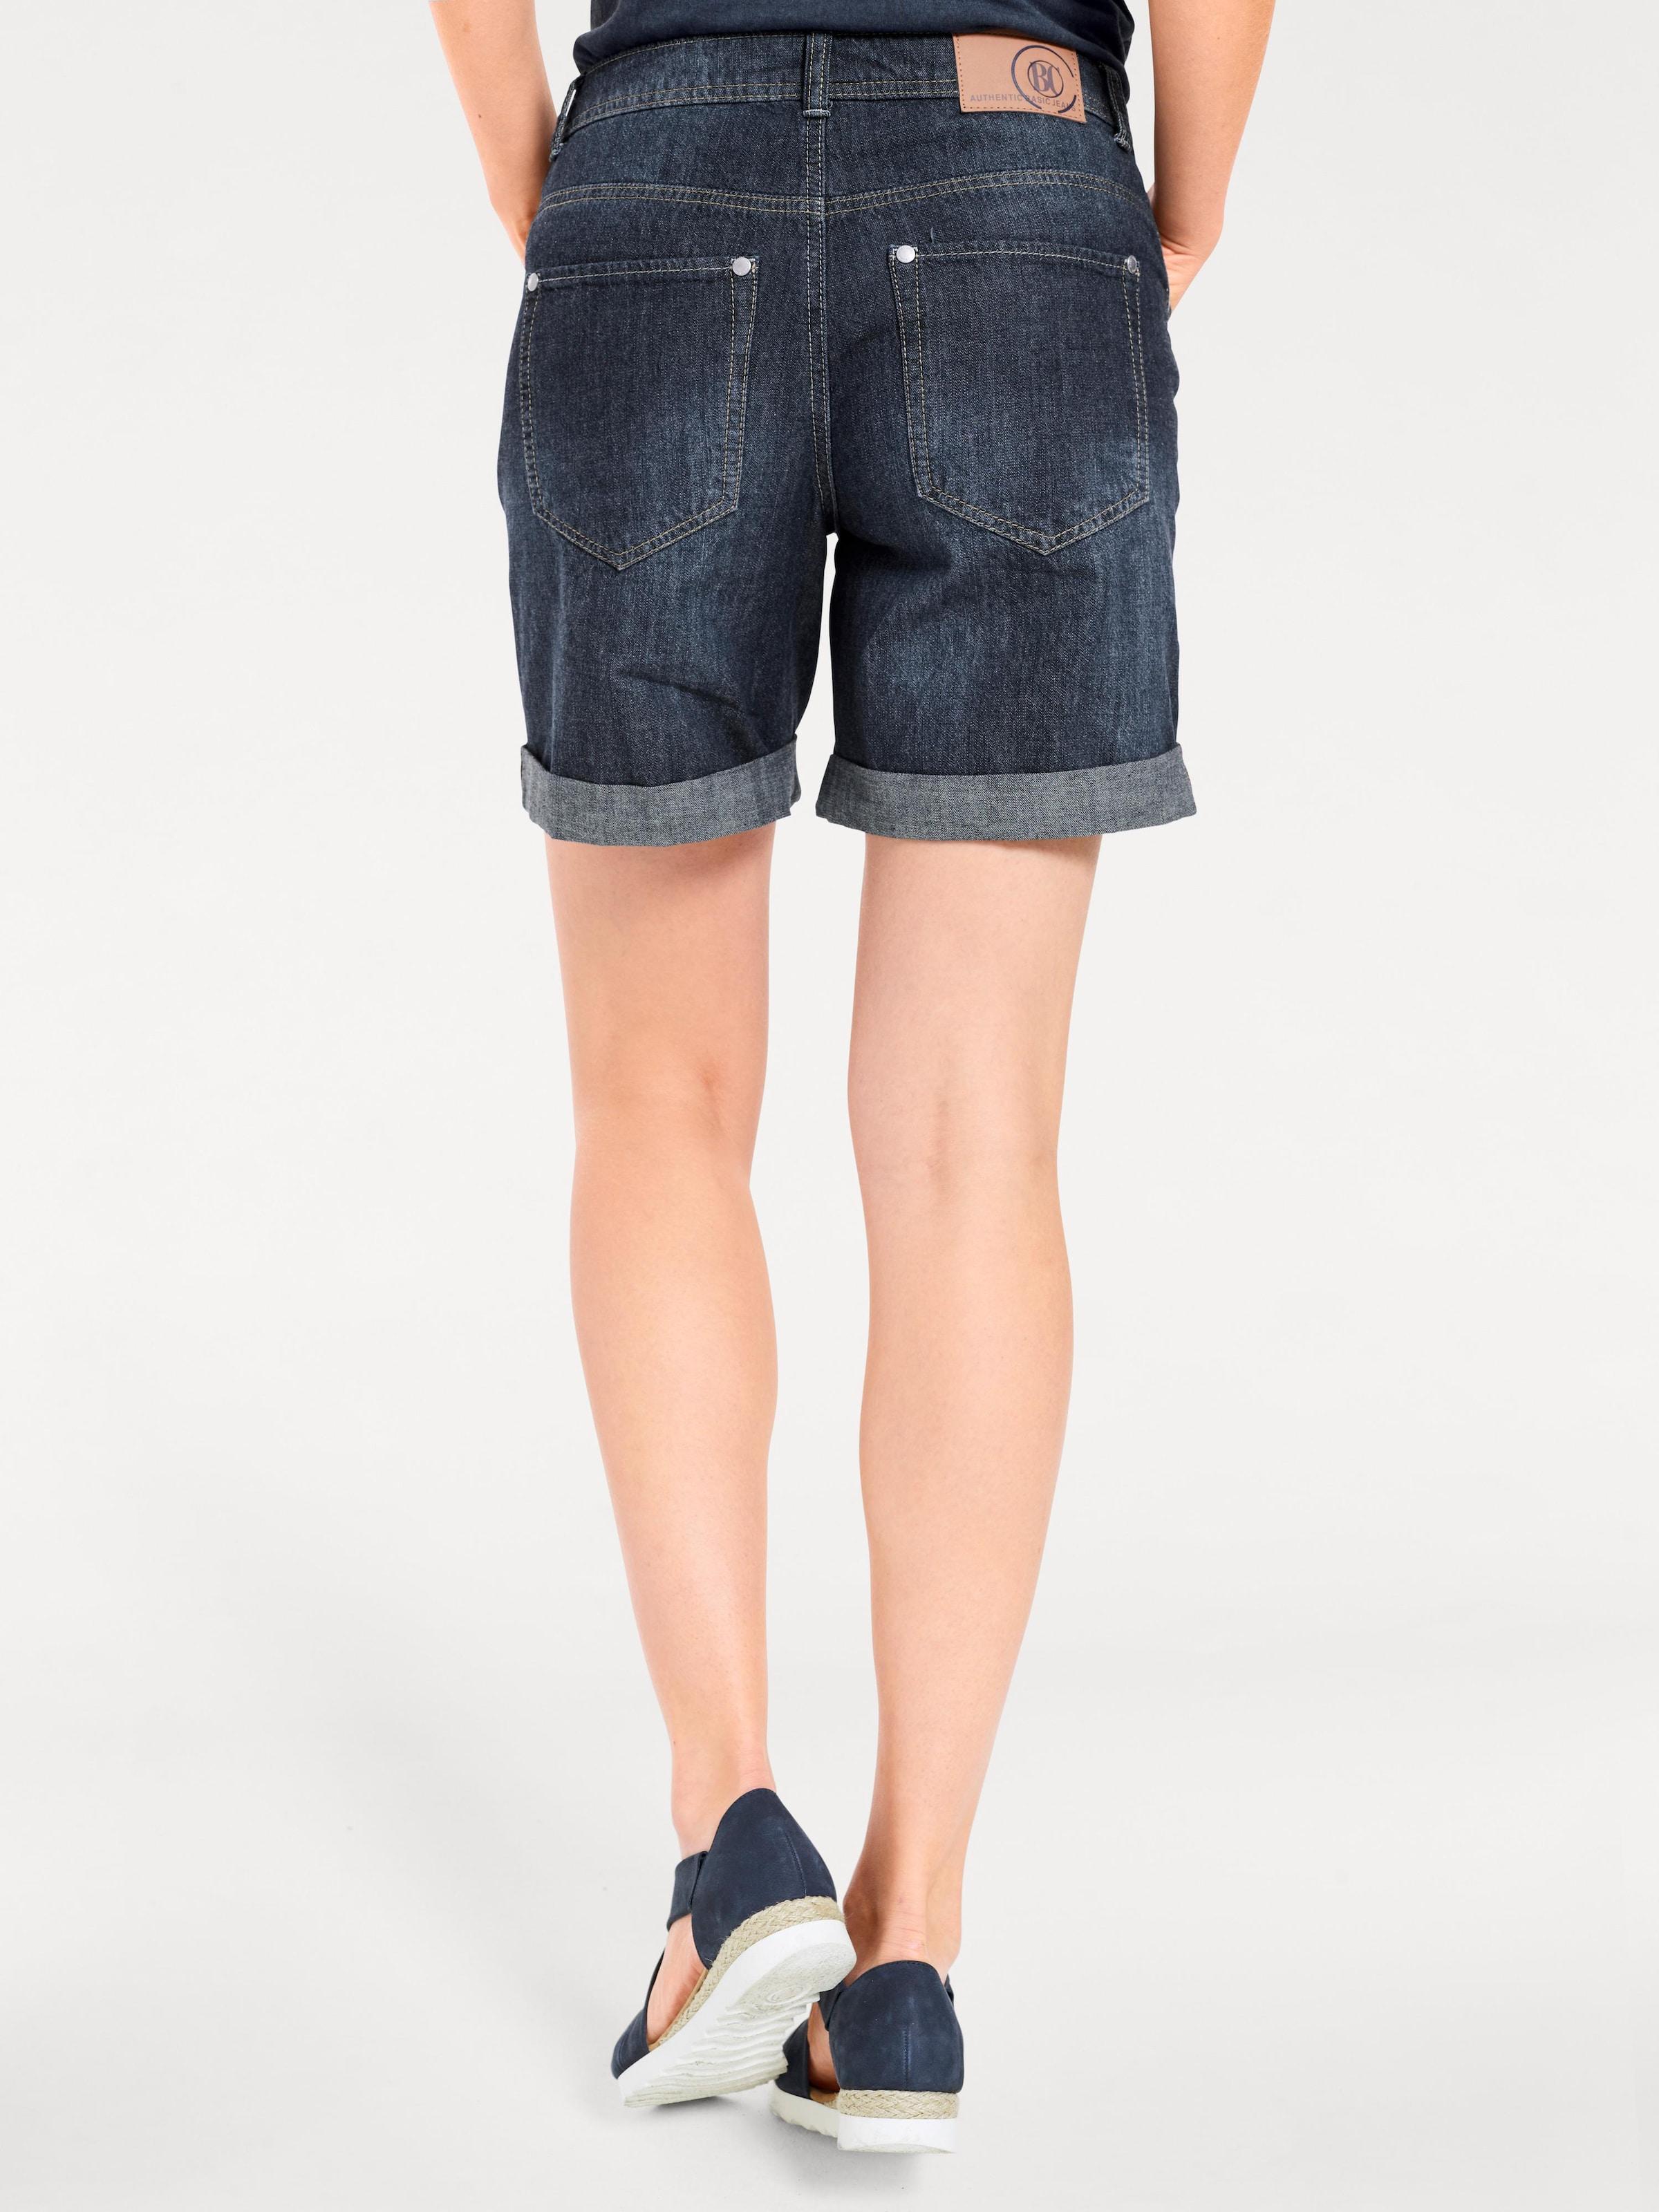 Blue Denim Heine In shorts Jeans hdrstQ